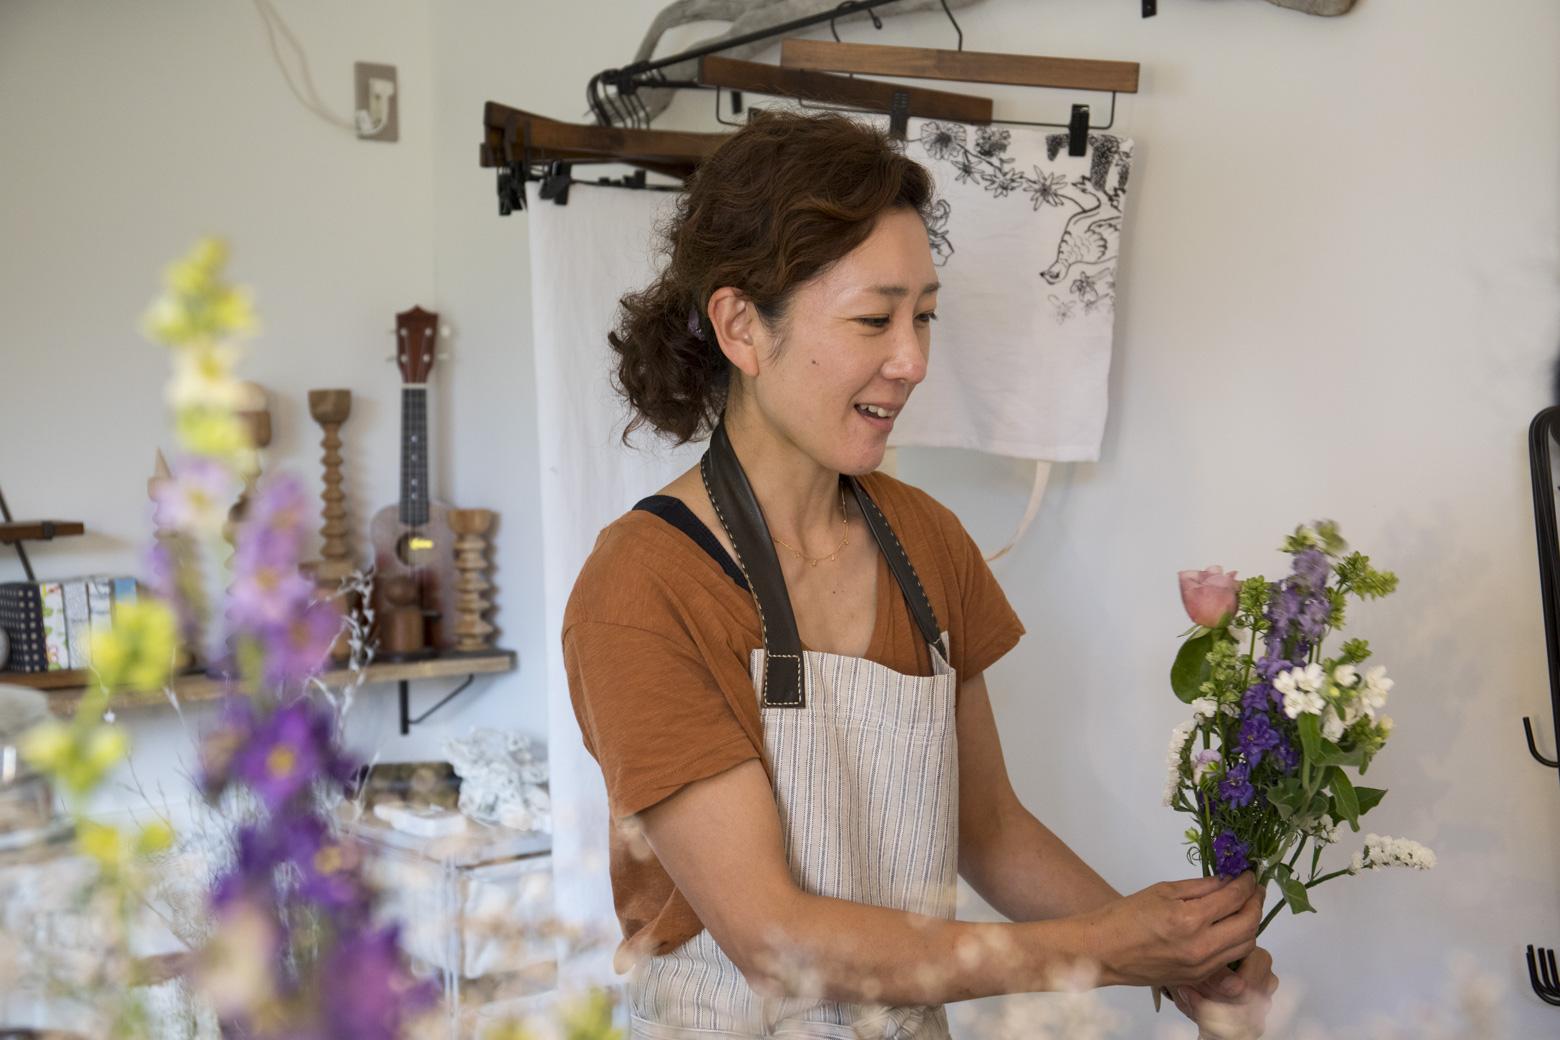 Floral Design Studio MIKI&CO.のオーナーみきさん